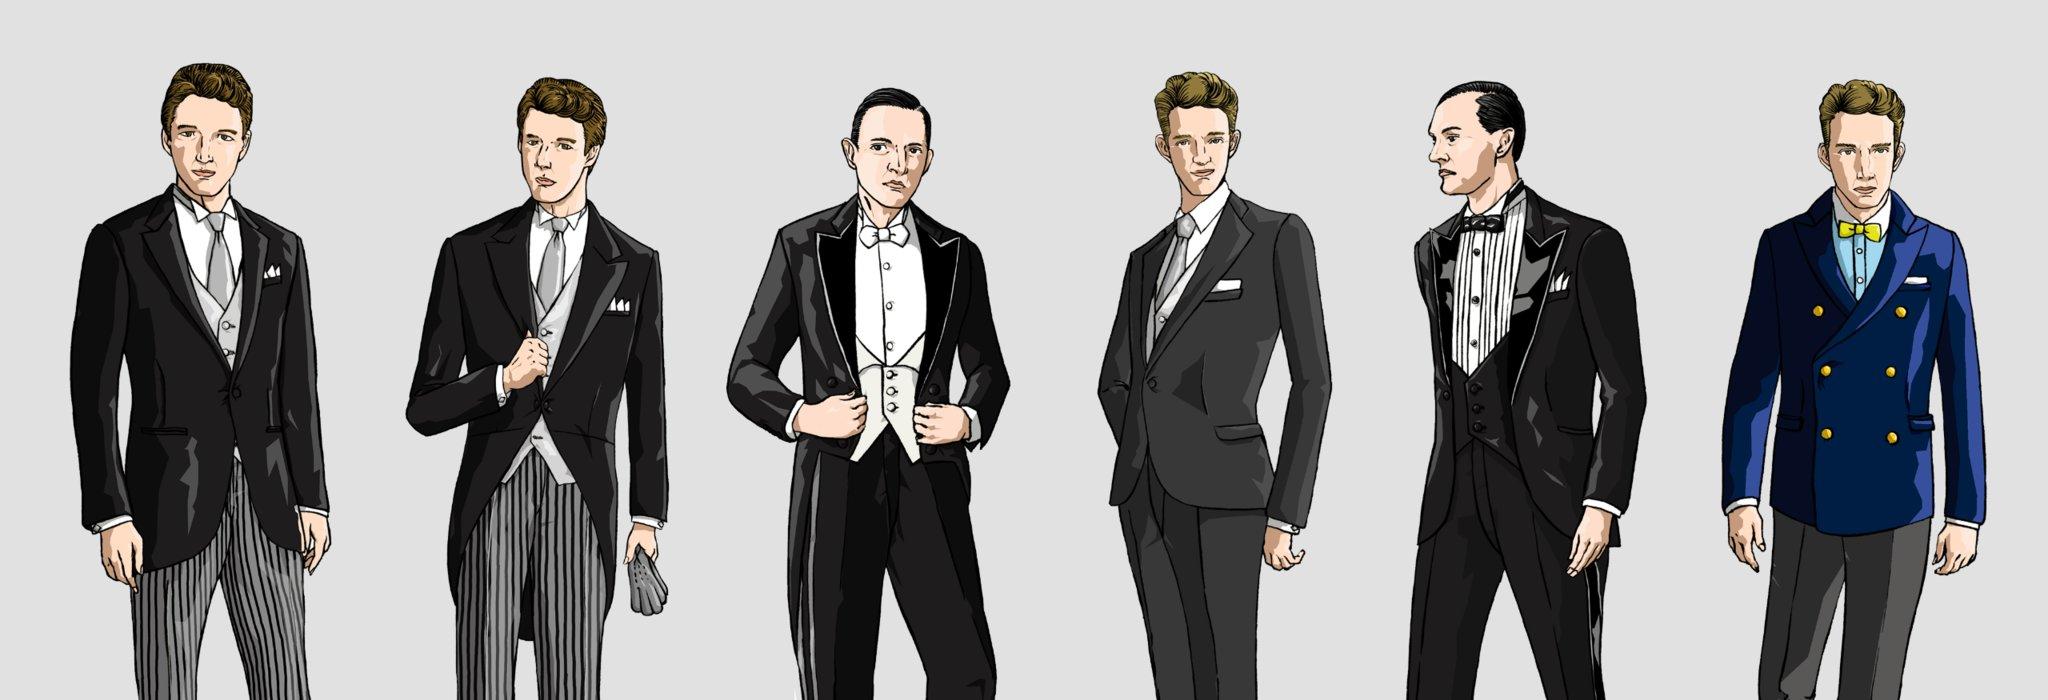 ゼロベースから整理する礼装(礼服)。具体的な着こなしを理解する_image